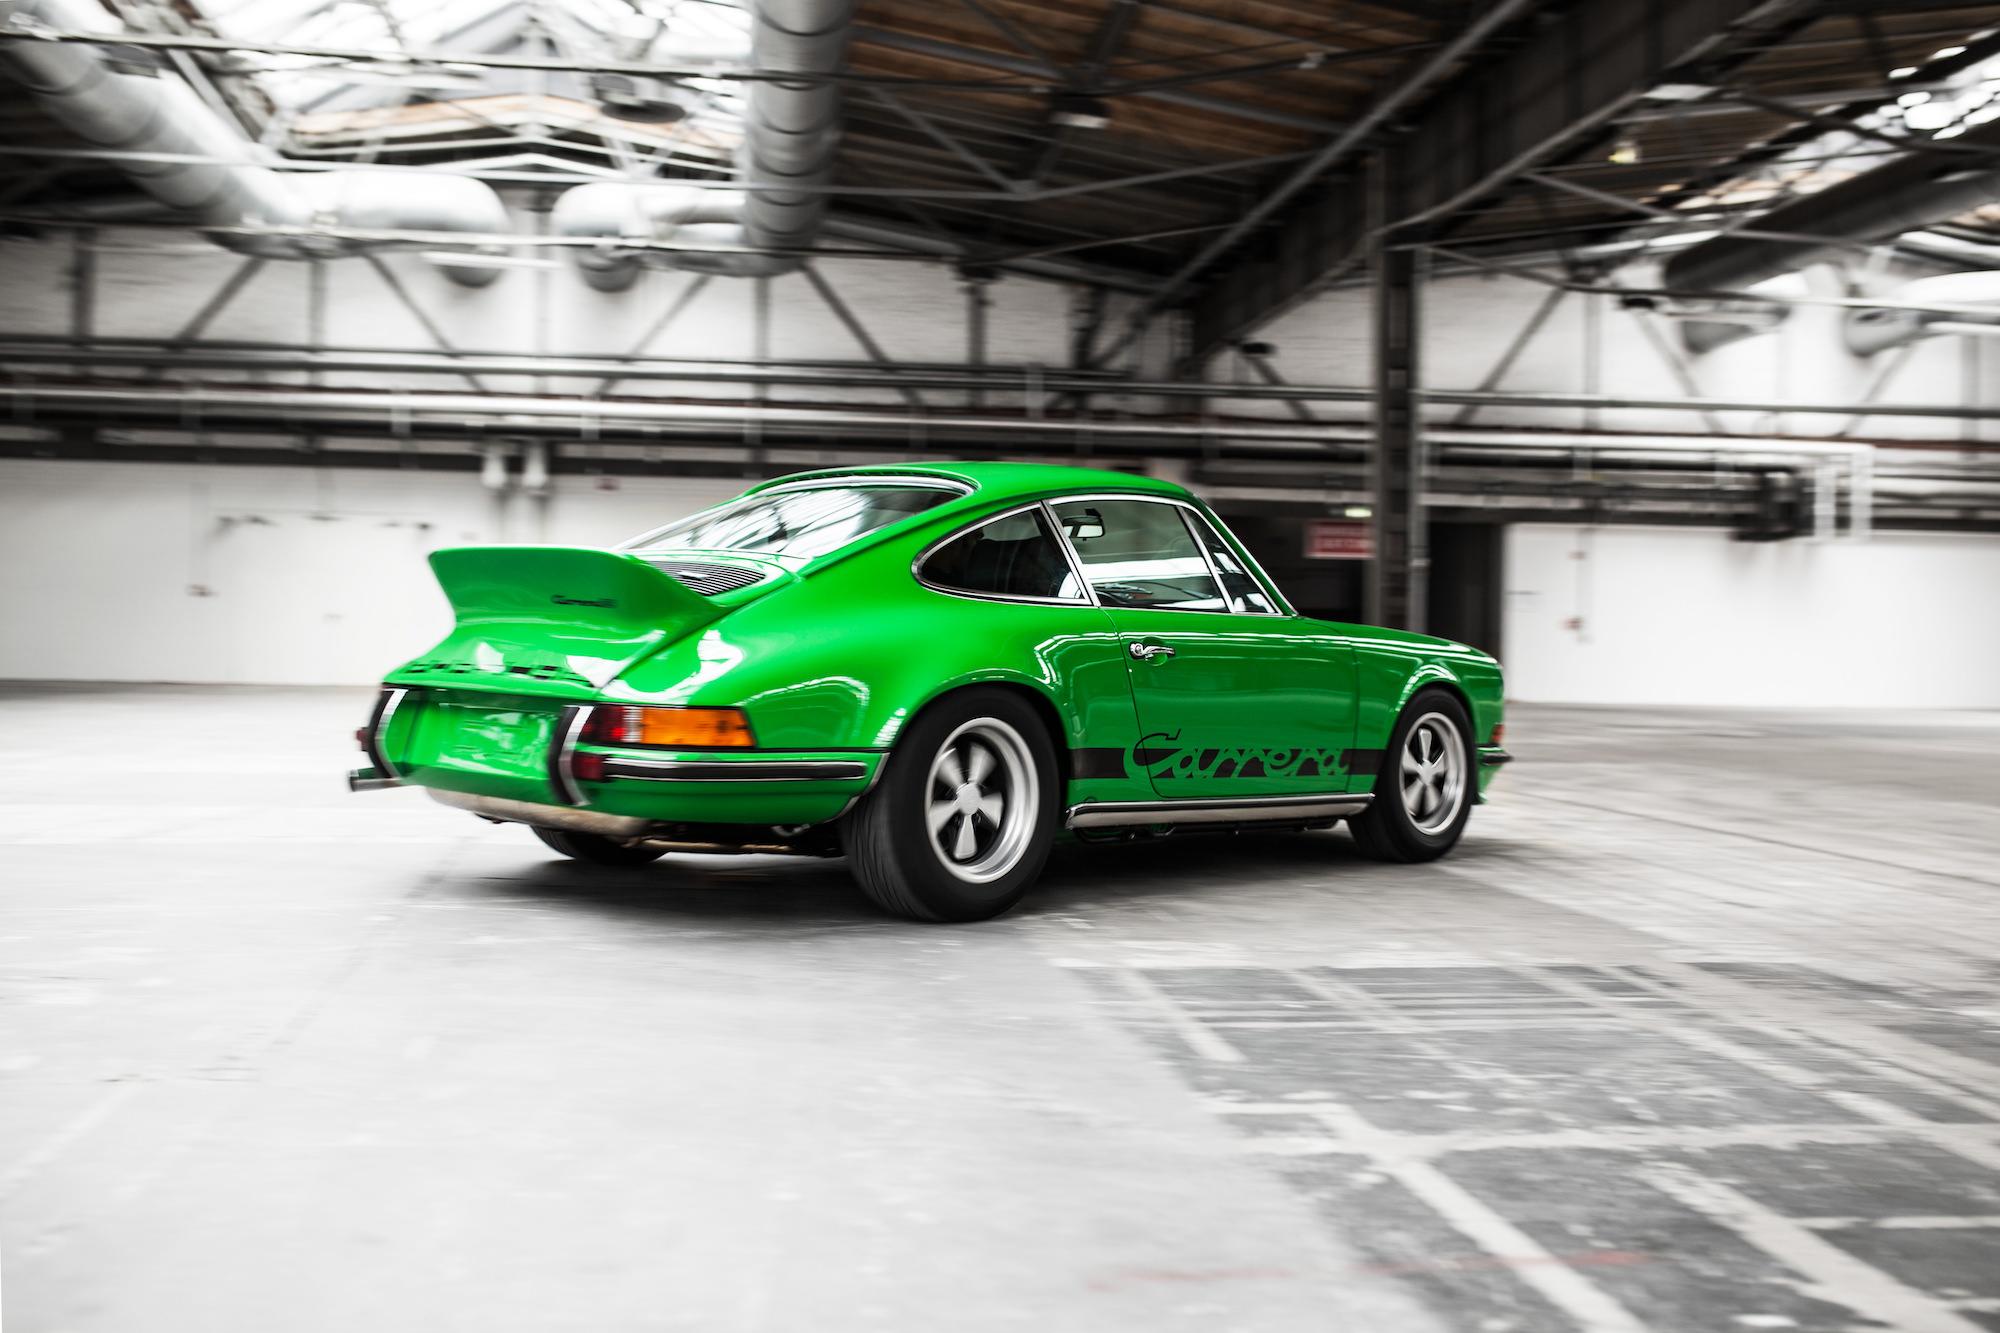 Der Wohl Beste Porsche 911 Carrera Rs 2 7 Im Markt